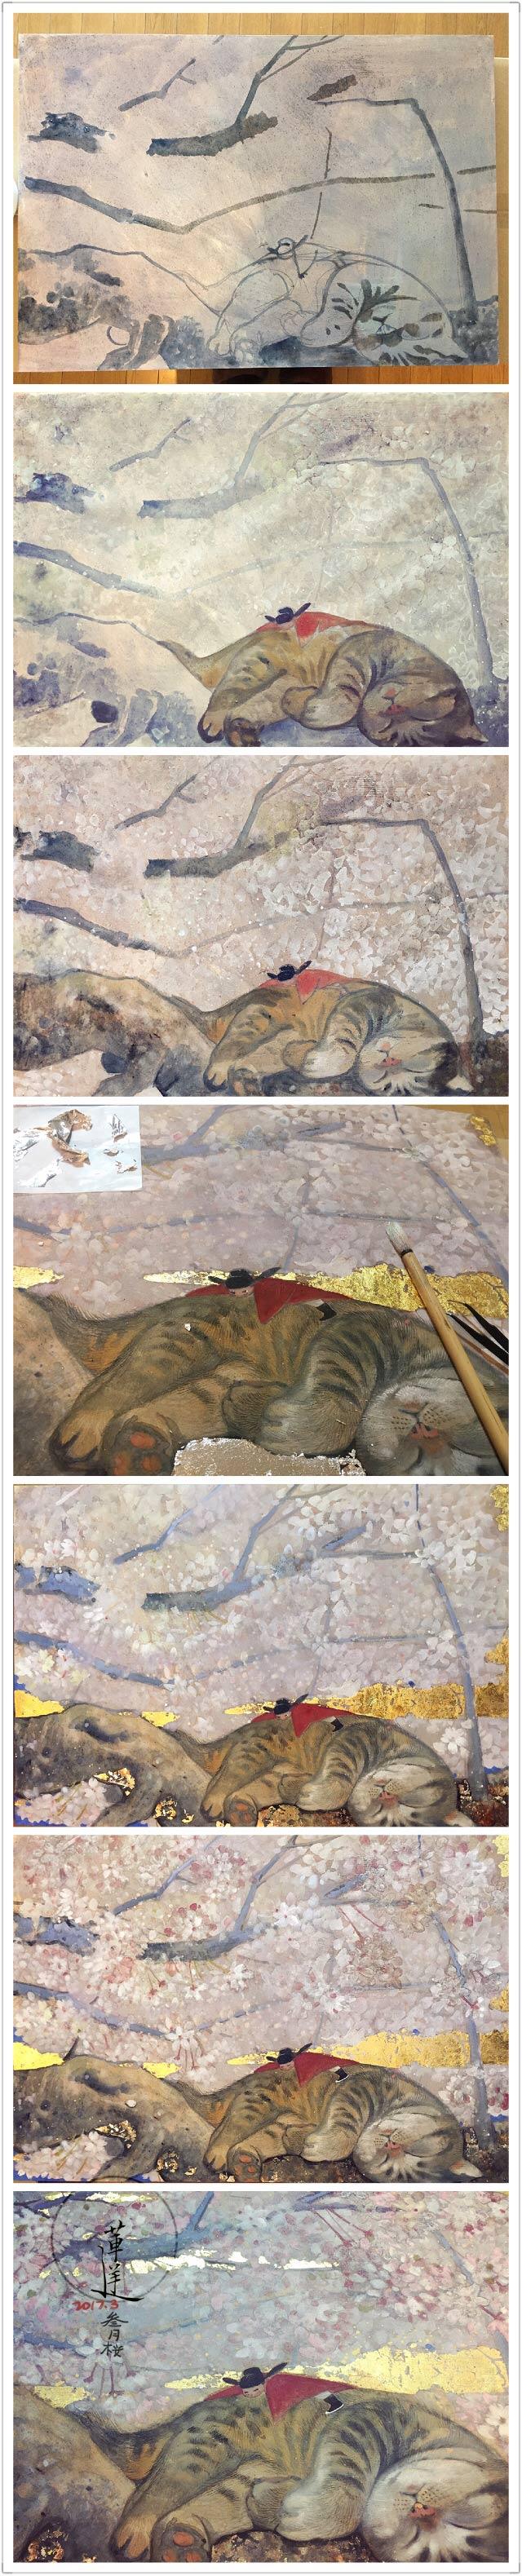 查看《【岩彩】三月樱》原图,原图尺寸:640x3159